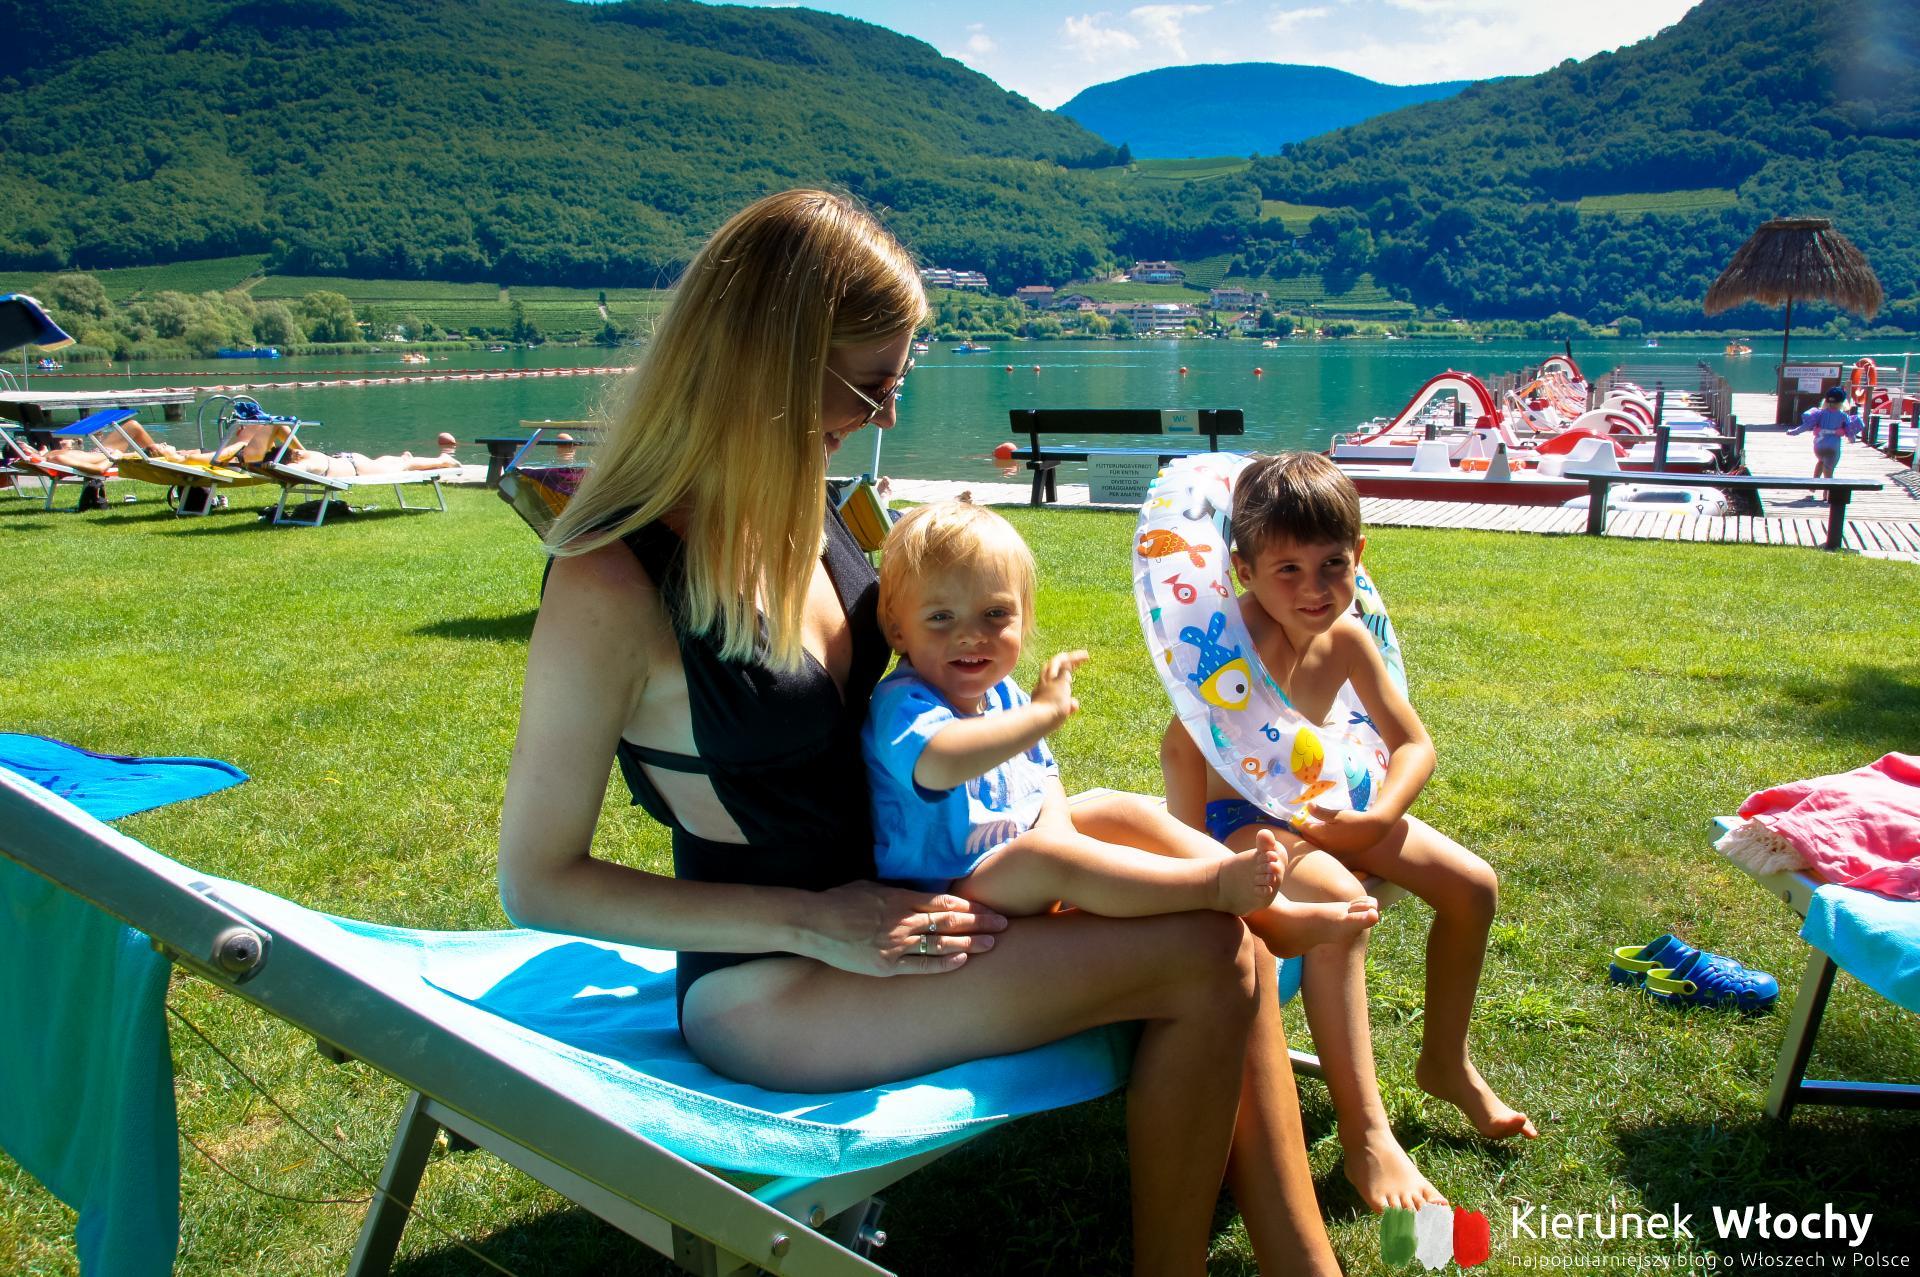 jezioro Kalterer See / Lago di Caldaro, Południowy Tyrol, Włochy (fot. Łukasz Ropczyński, kierunekwlochy.pl)